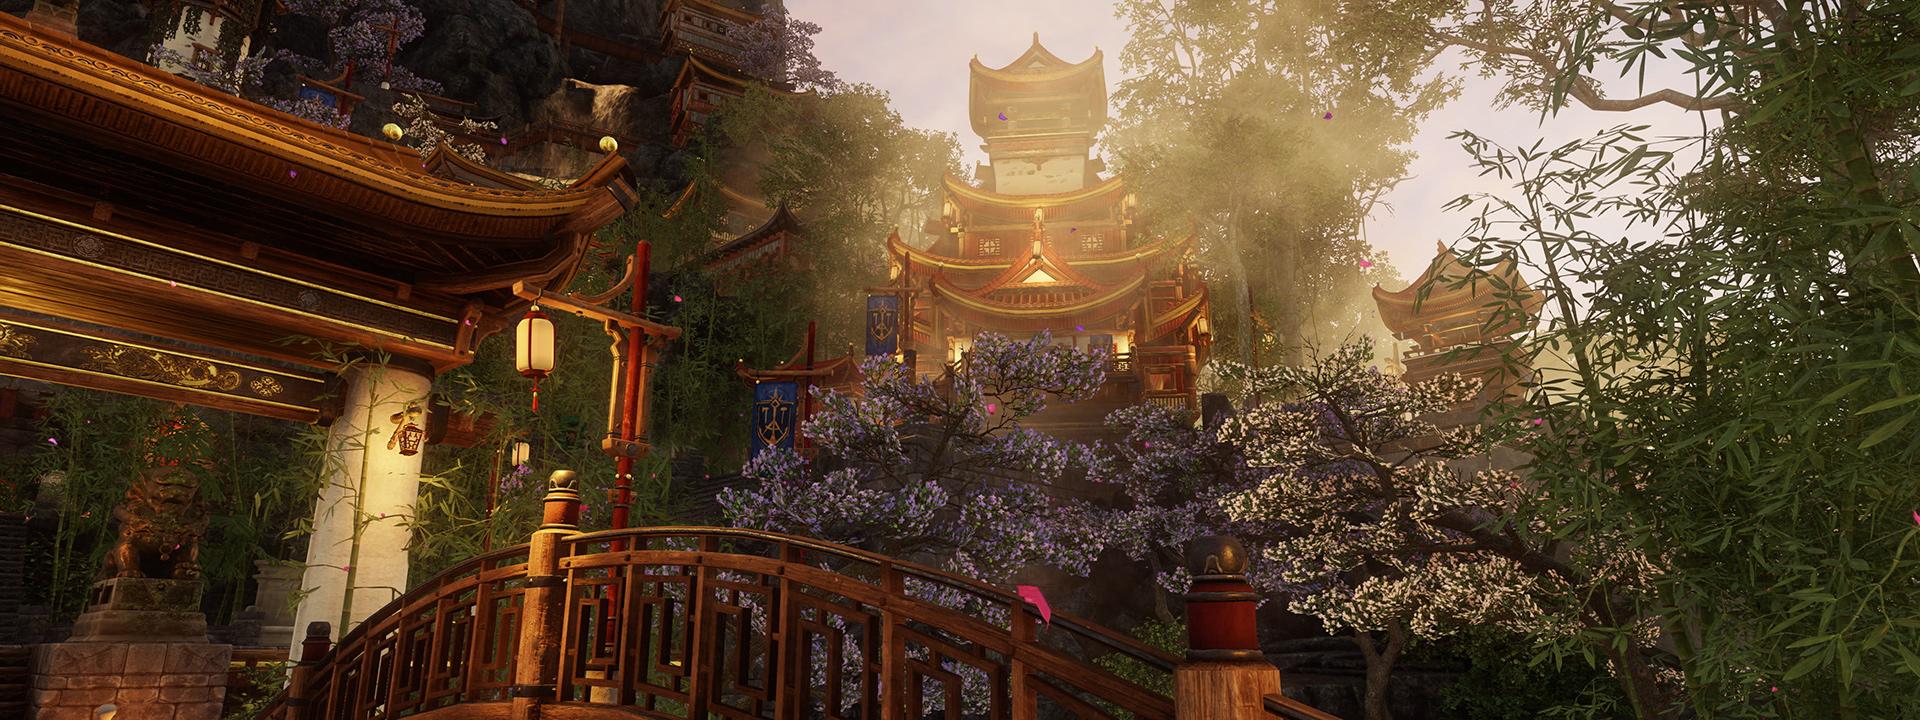 empress-carousel2.jpg